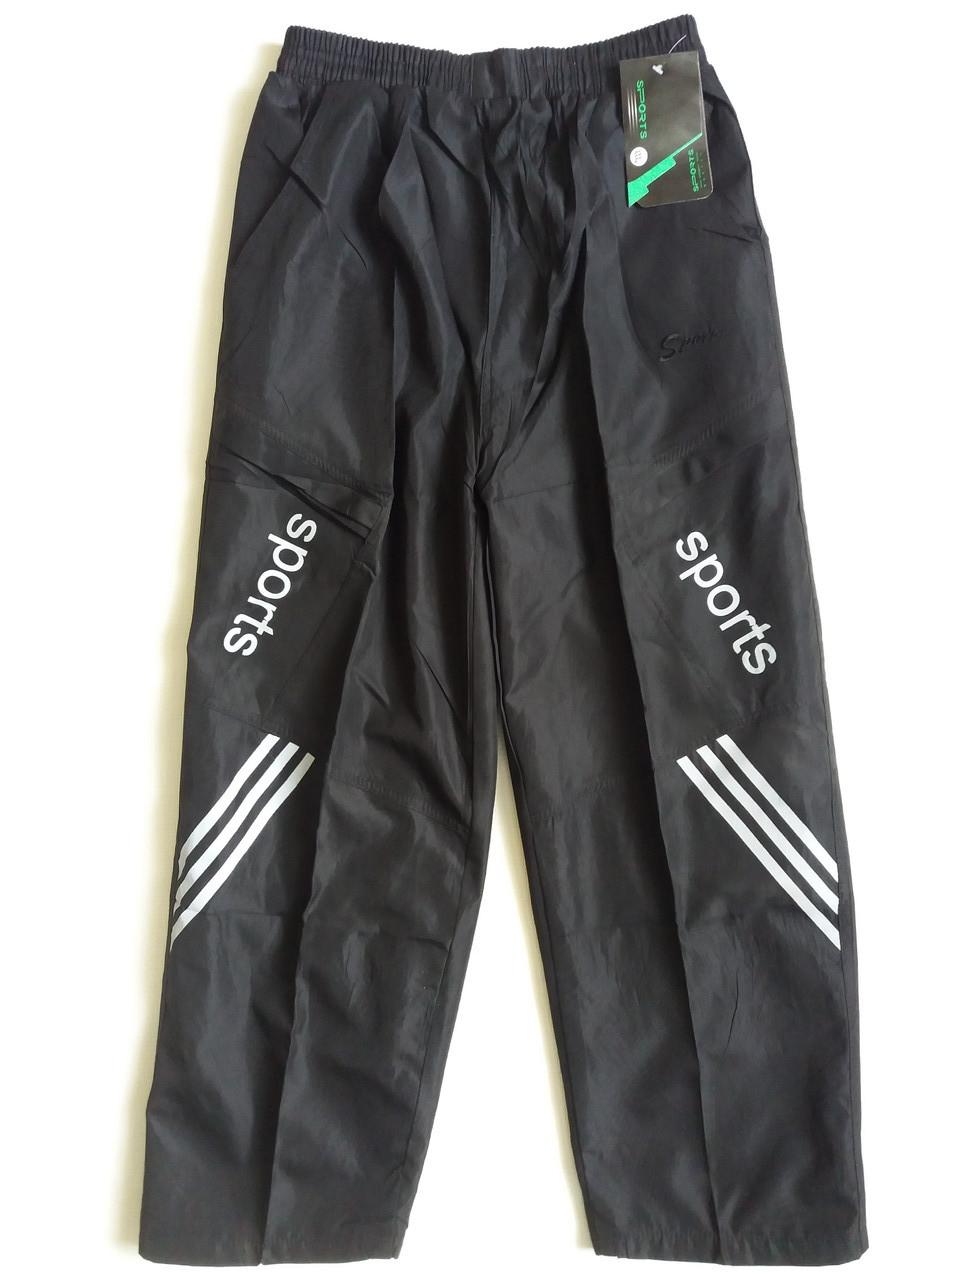 Спортивные штаны болоневые, подросток-мужские. От 3шт по 20грн